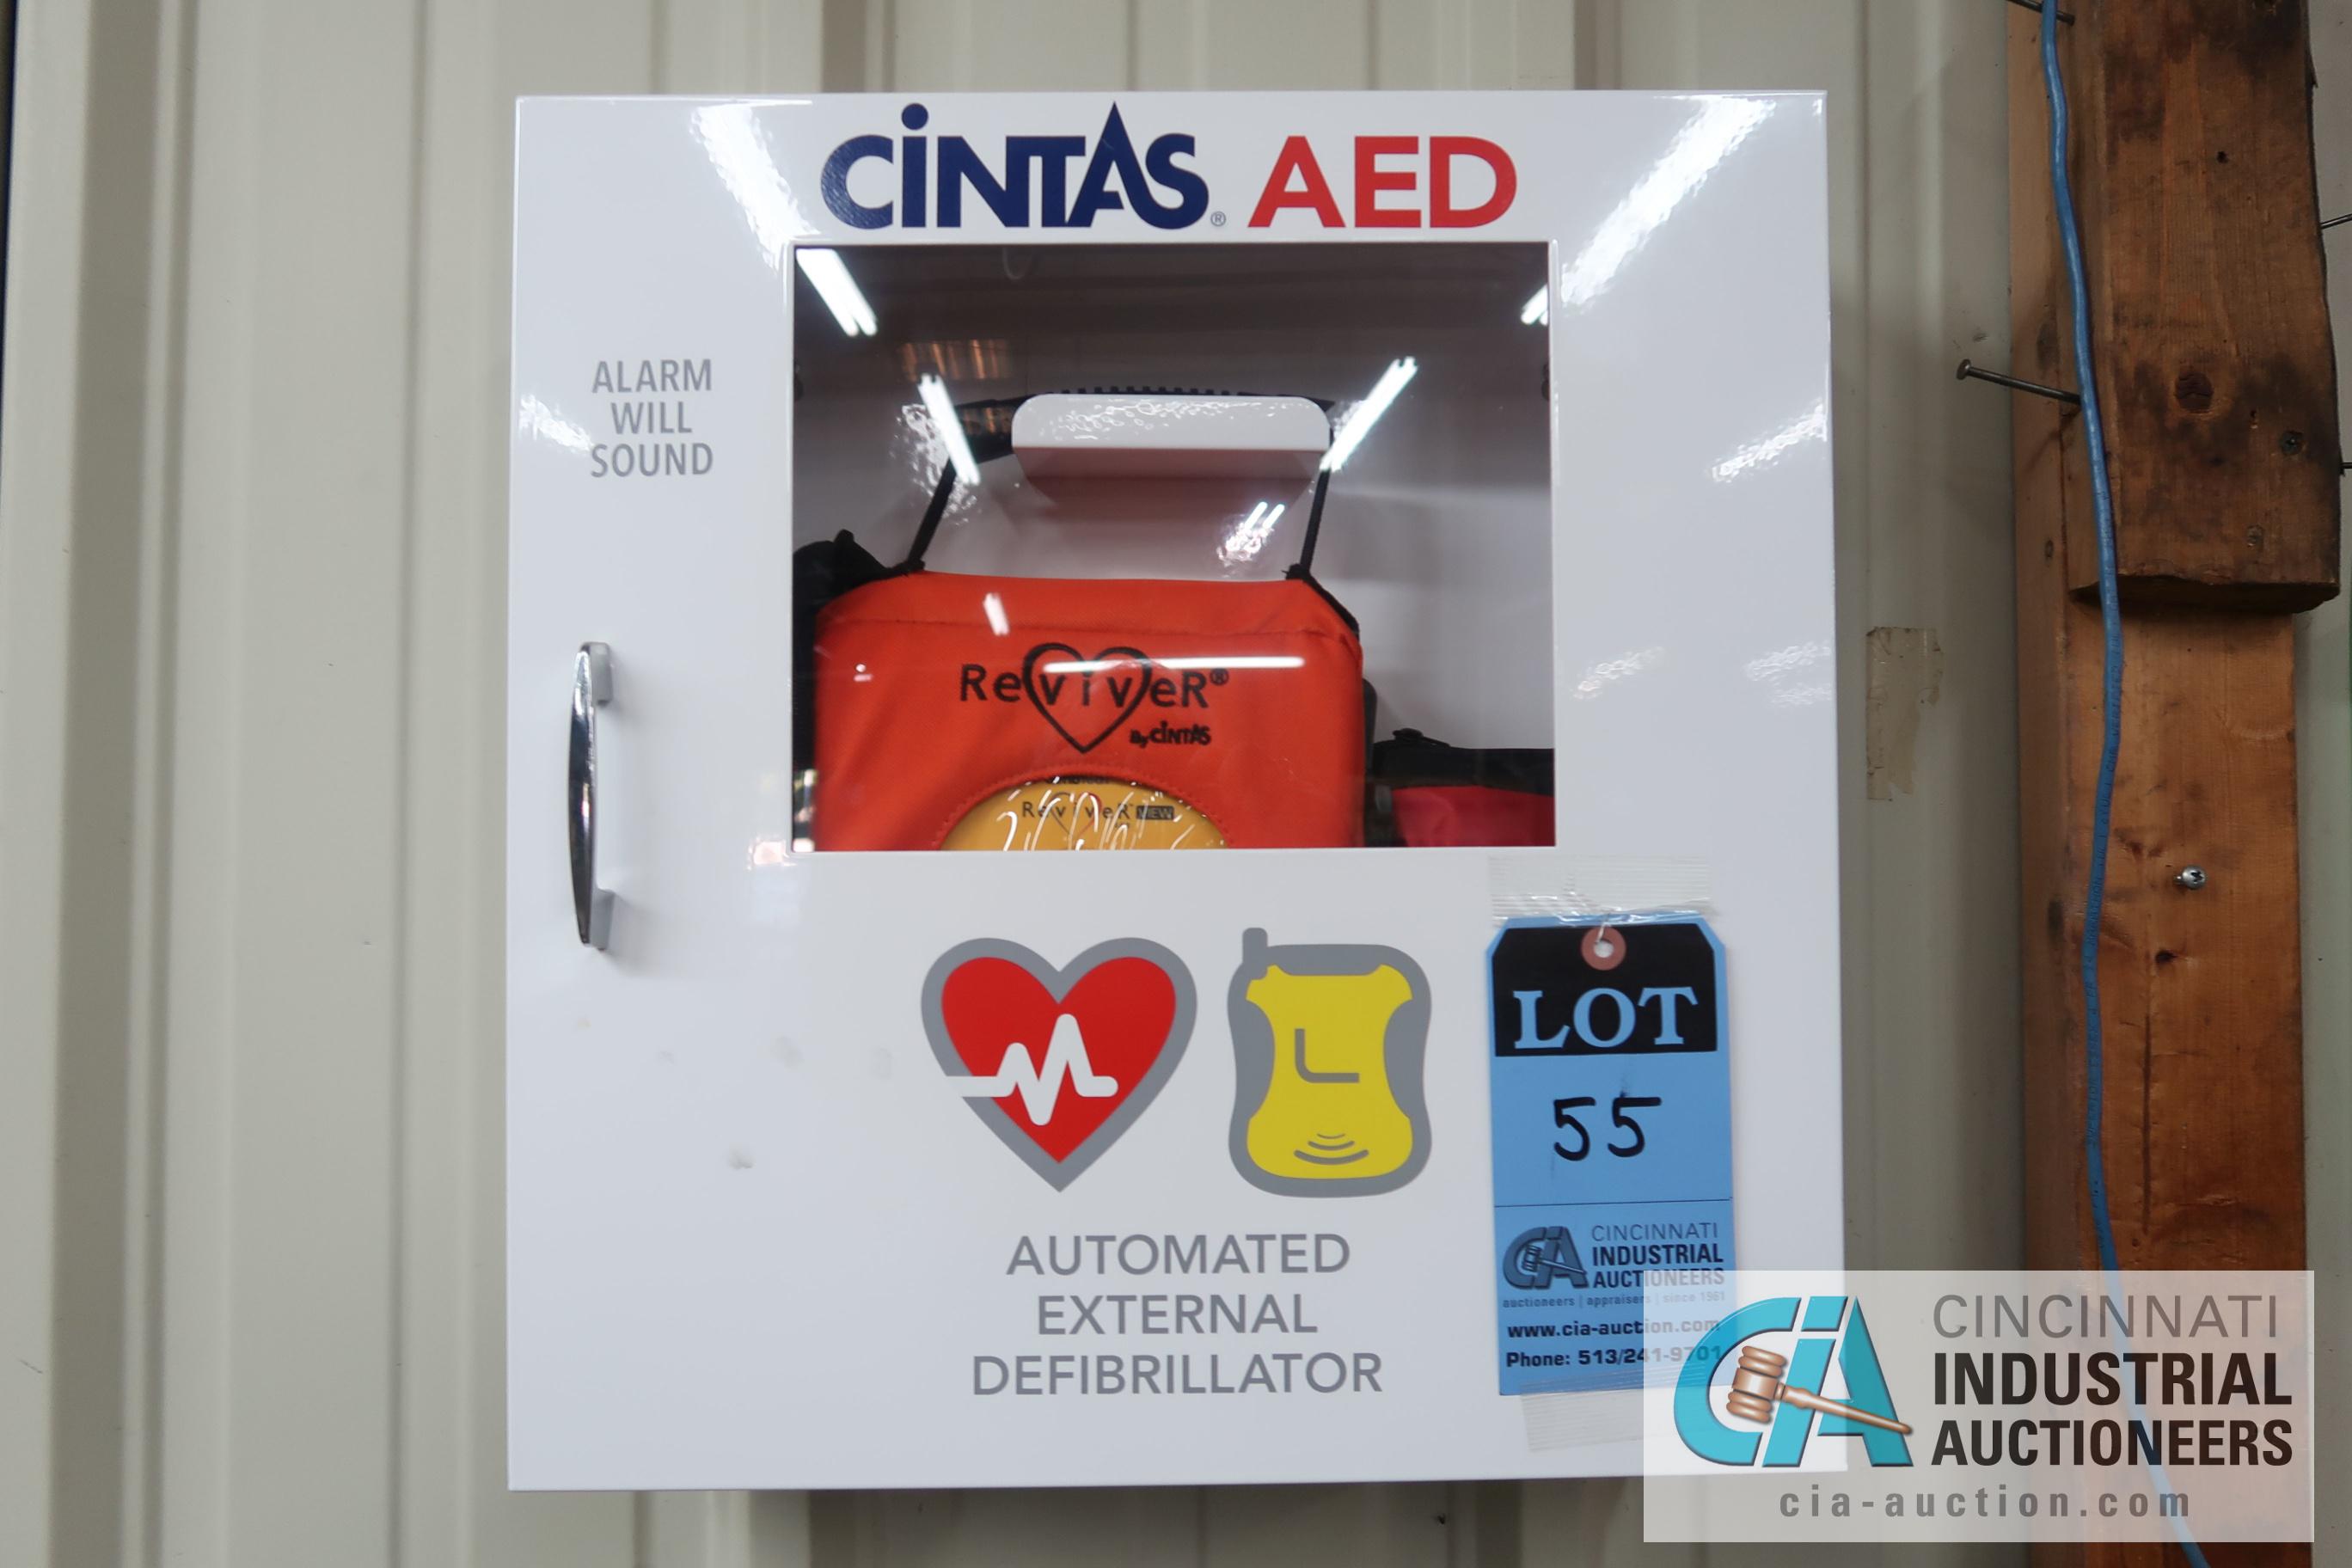 Lot 55 - CINTAS AUTOMATED EXTERNAL DEFIBRILLATOR